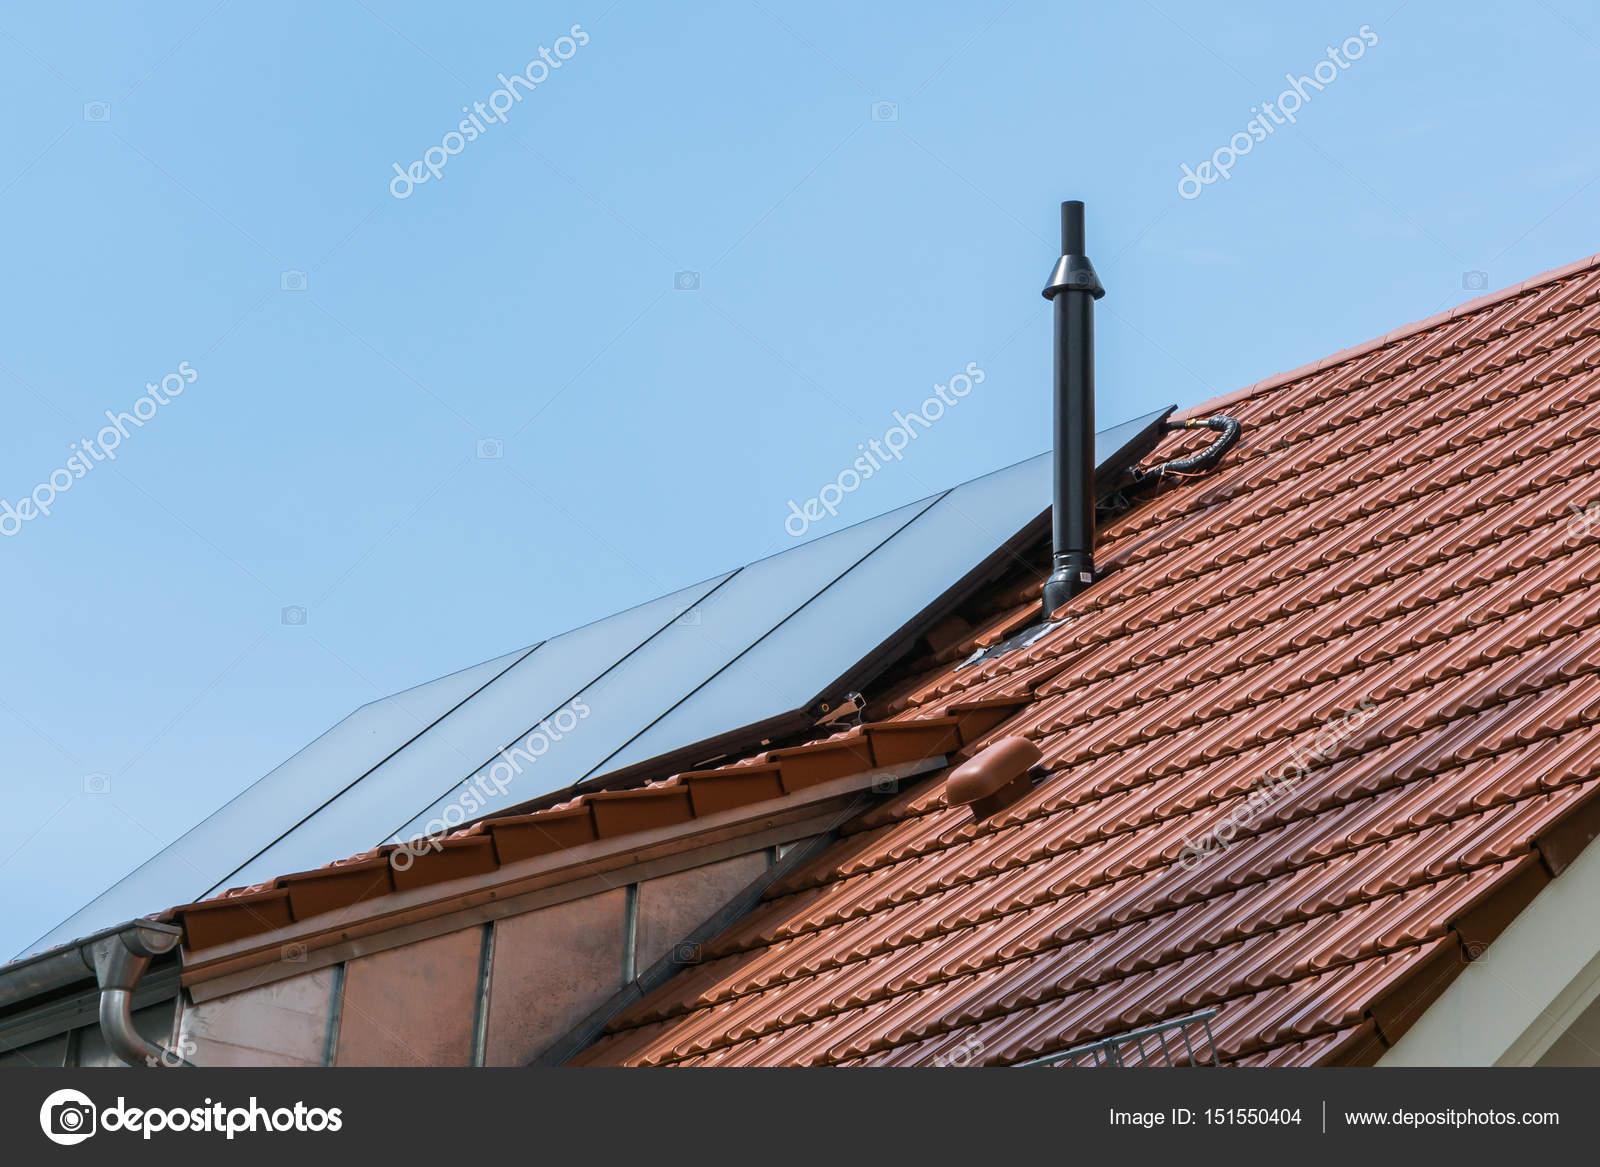 Deutsches Haus Orange Keramikfliesen Solar Wasser Heizung Blauer Himmel Su  U2014 Stockfoto